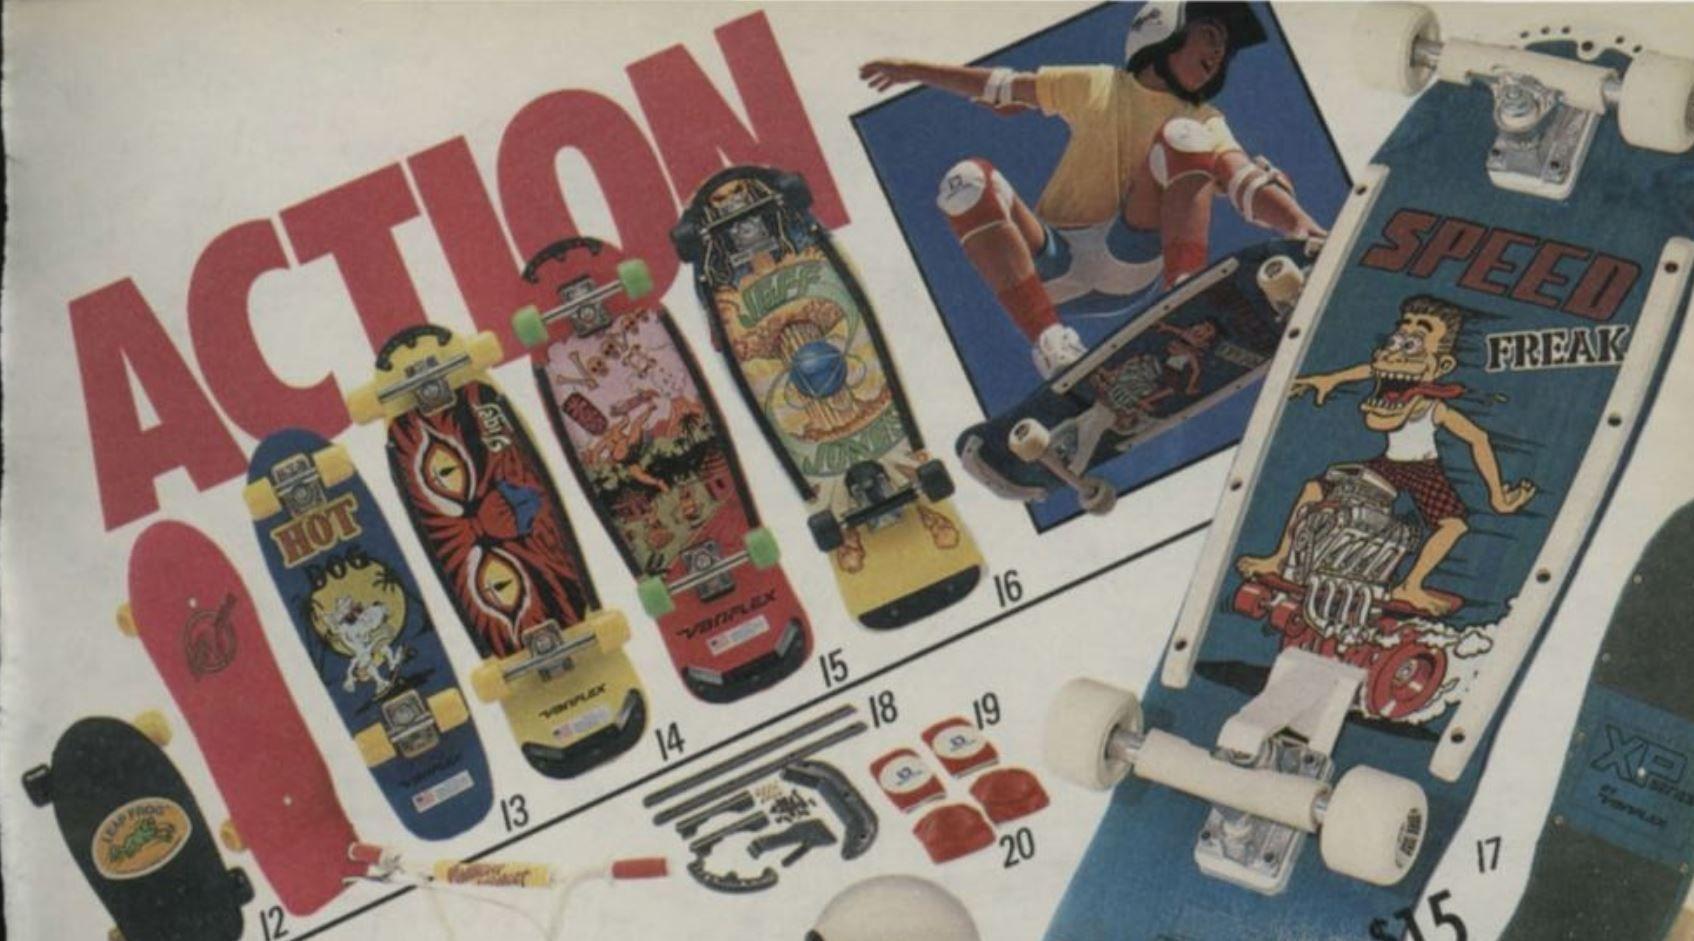 1988 skateboards